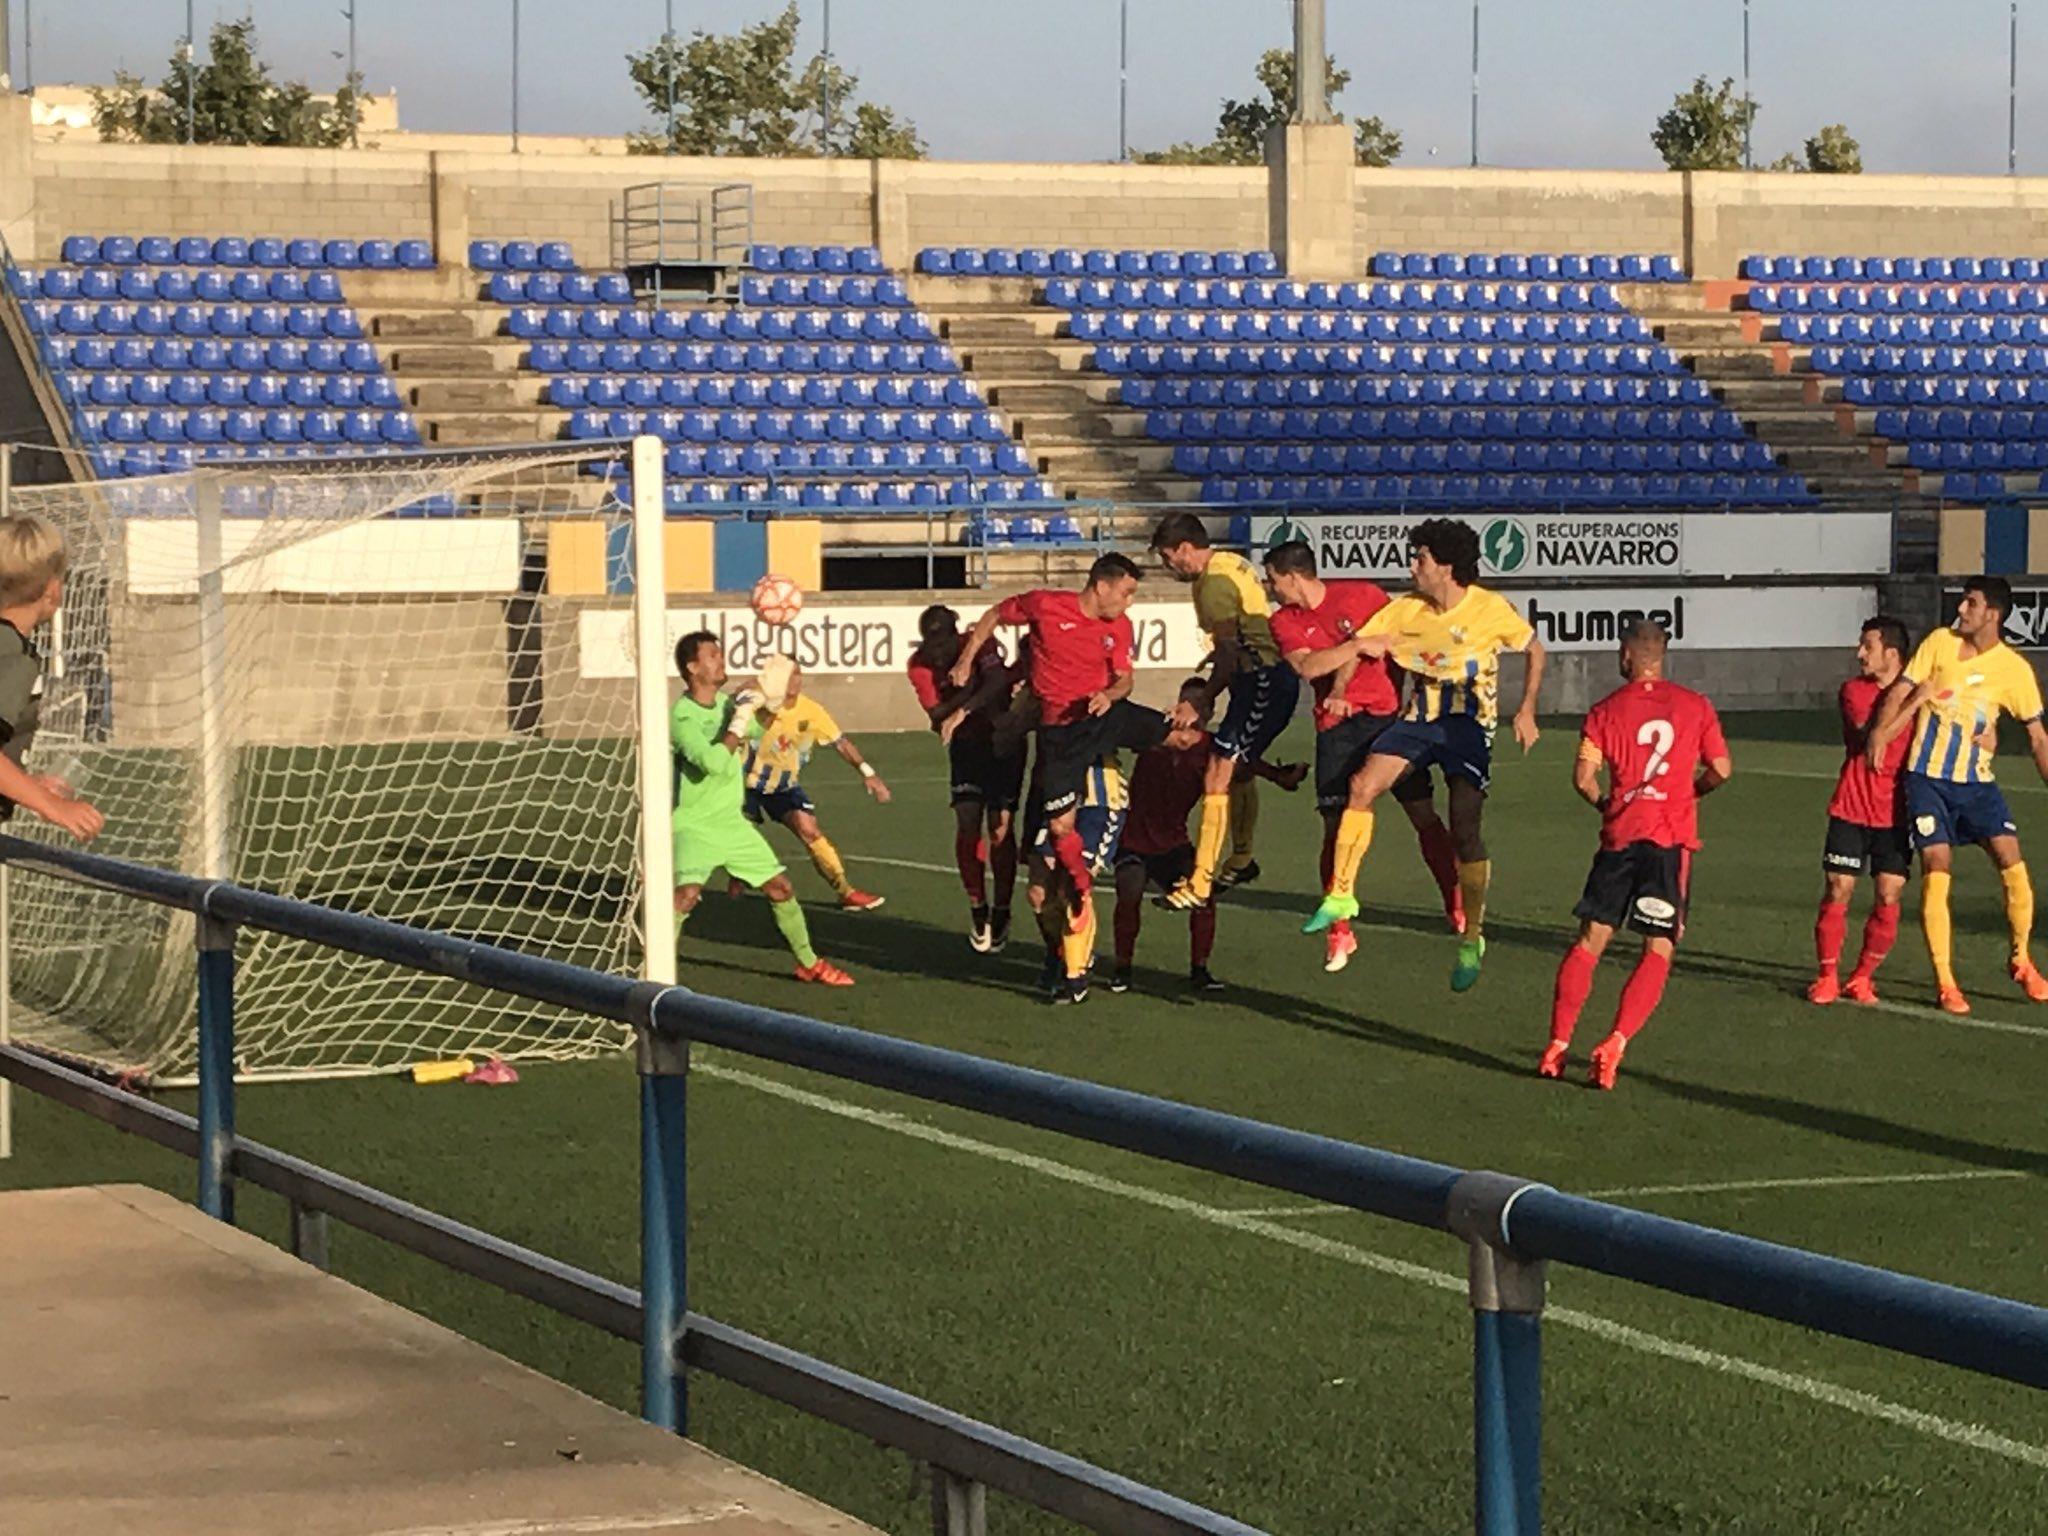 Rematada de David Cano que suposaria un dels dos gols del Palamós CF. (Foto: MarkF).